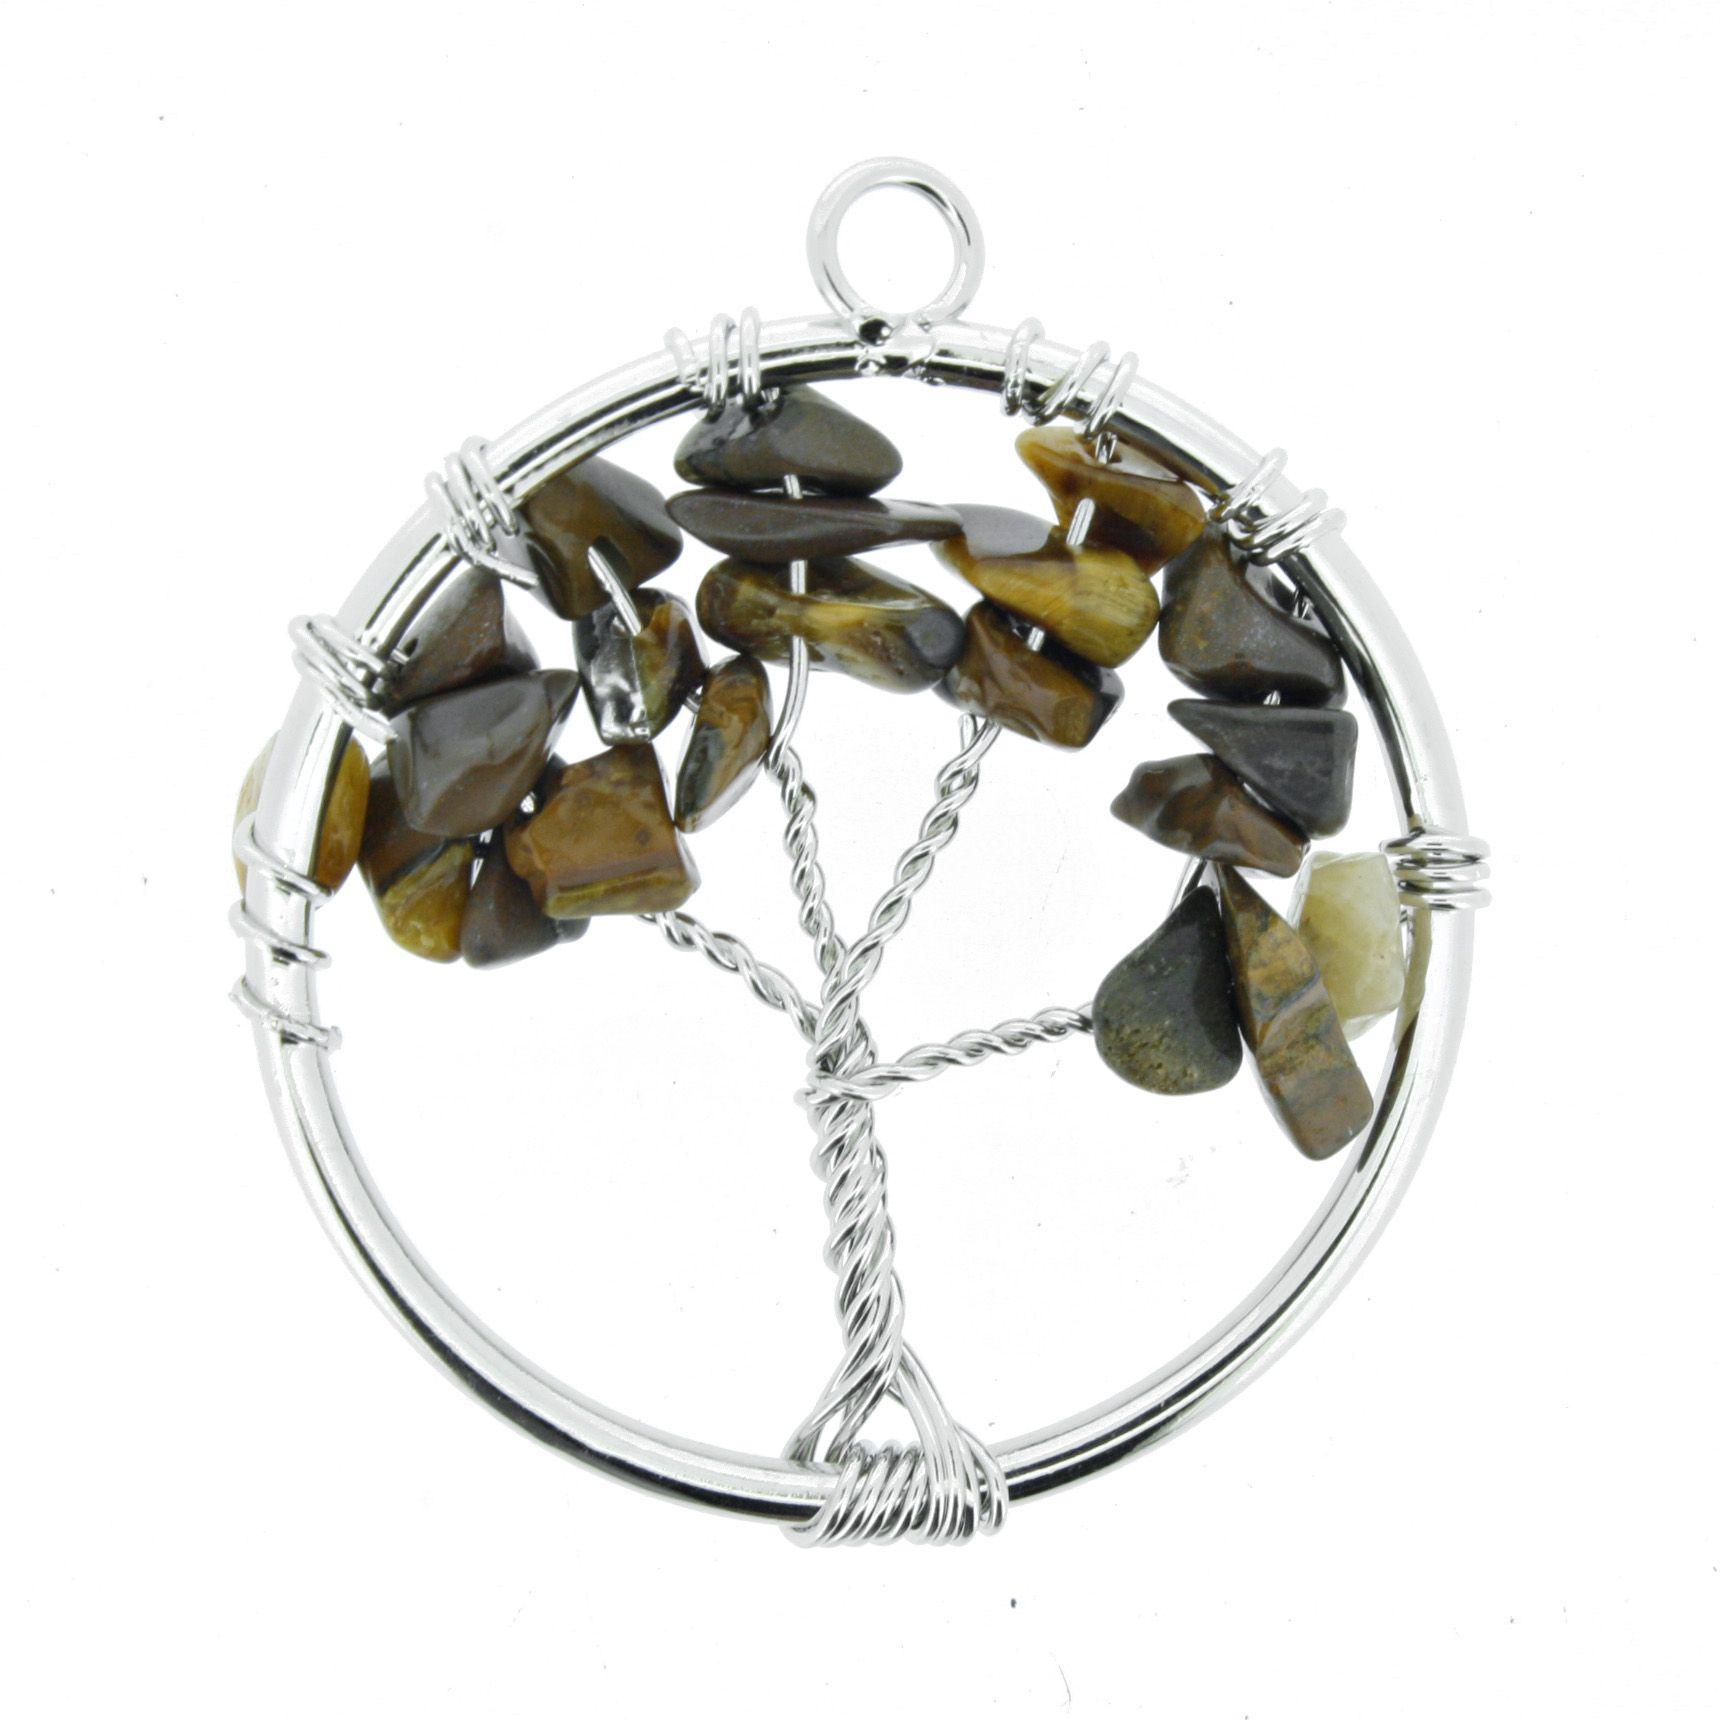 Árvore da Vida de Arame com Pedra - Olho de Tigre - 40mm  - Universo Religioso® - Artigos de Umbanda e Candomblé